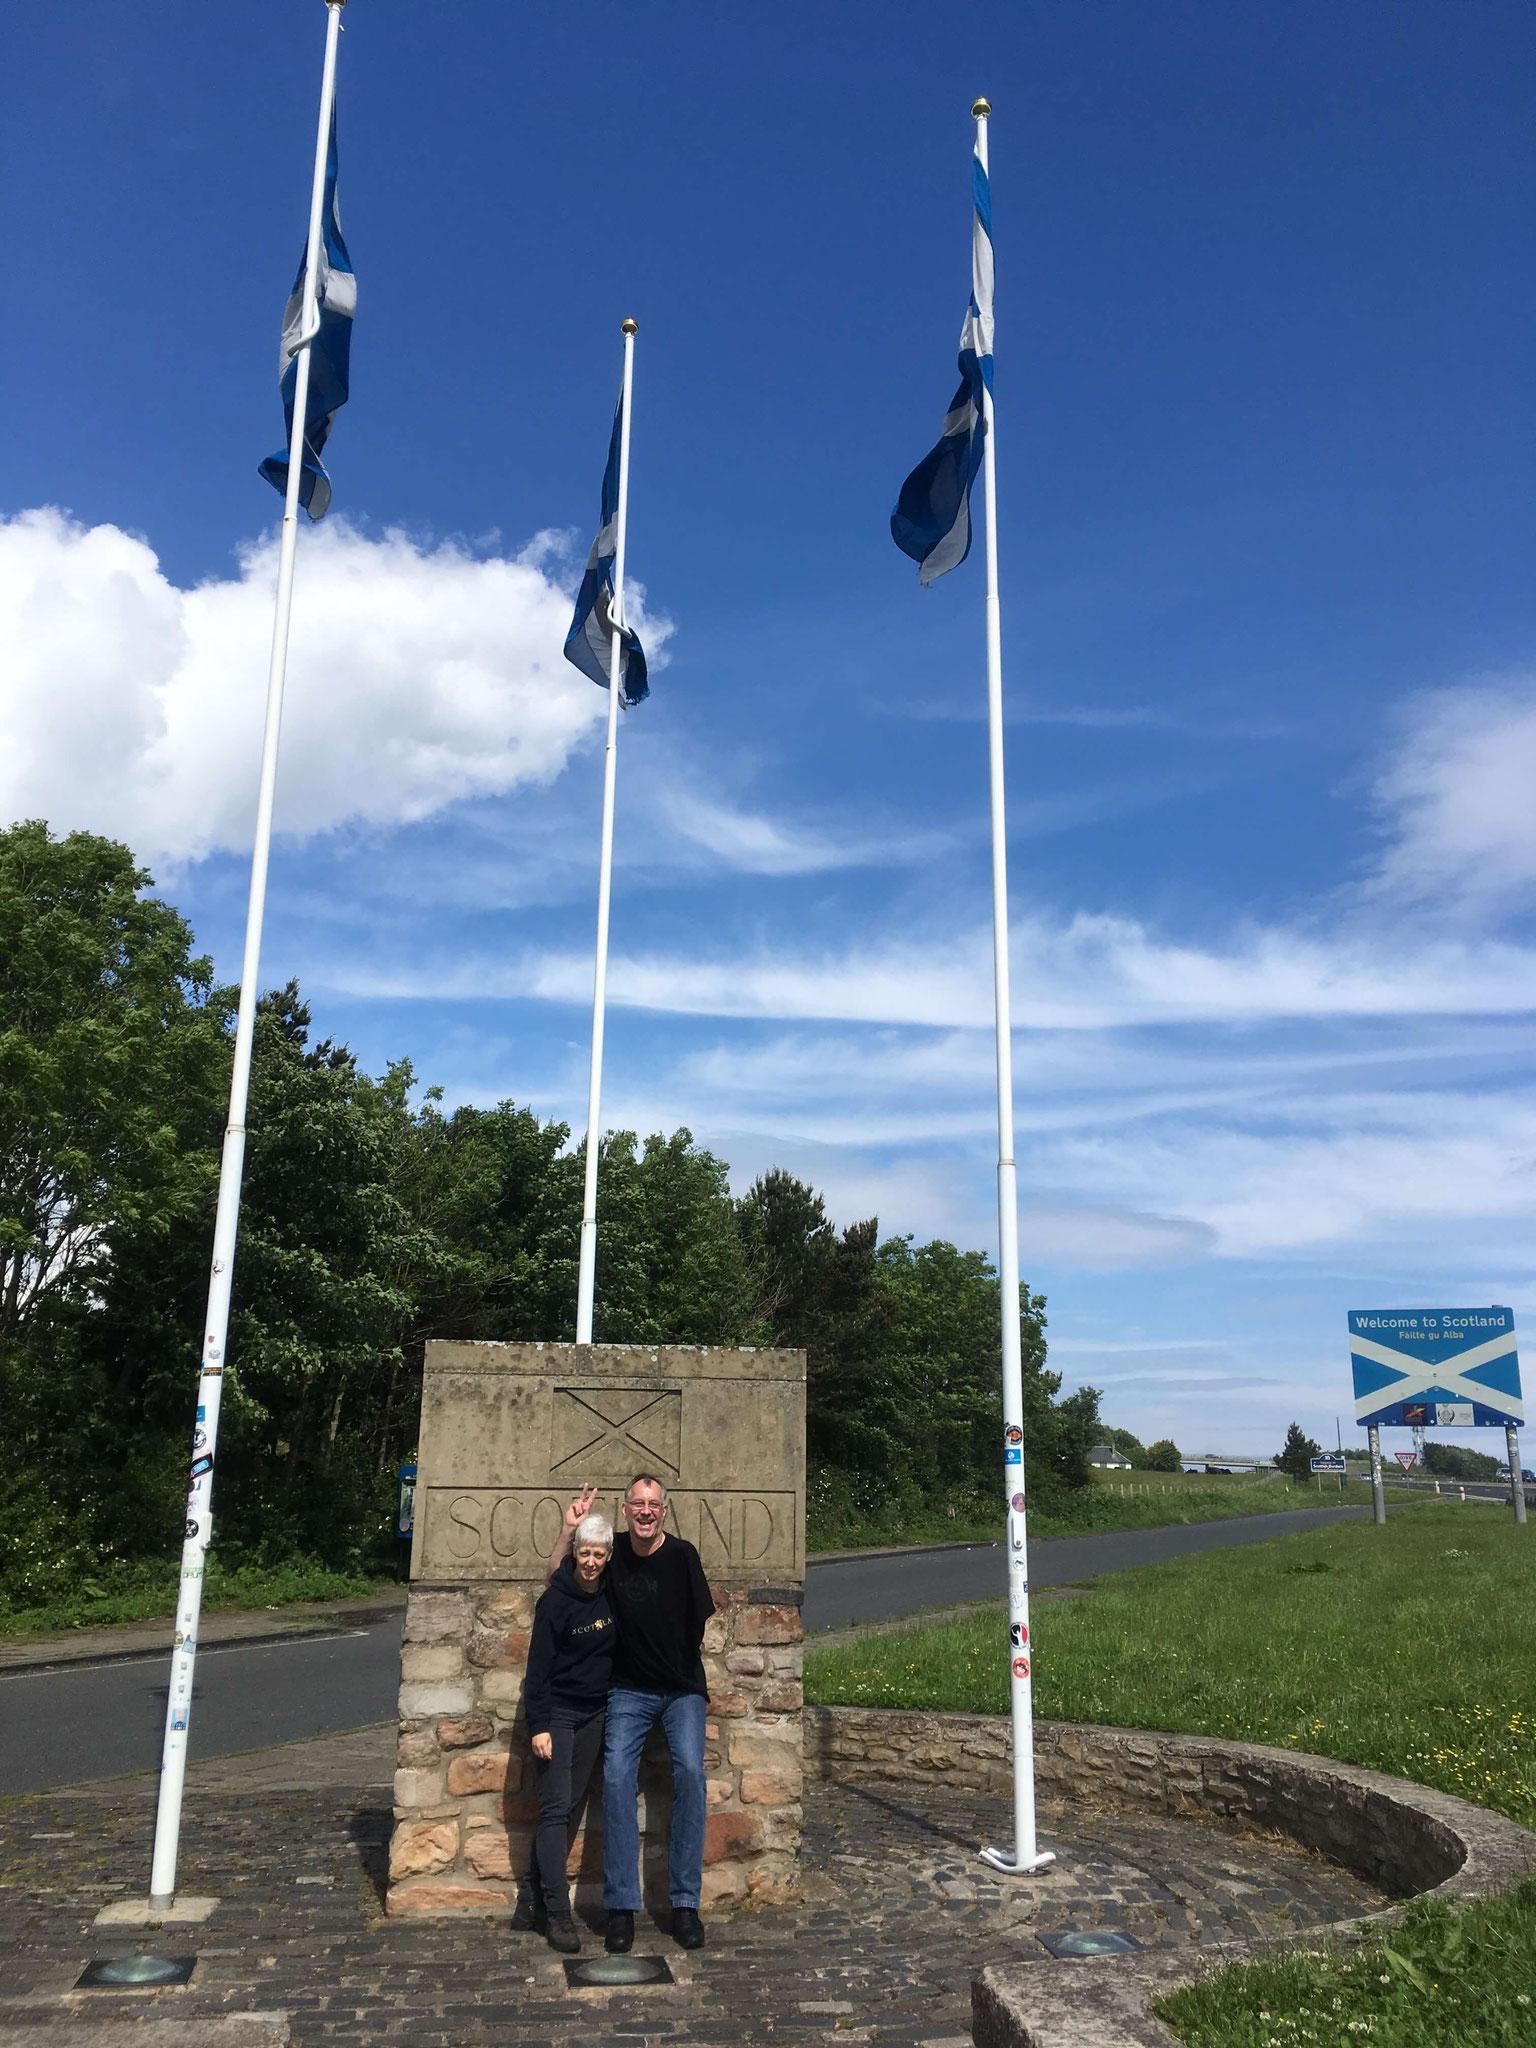 Hallo von der schottischen Grenze